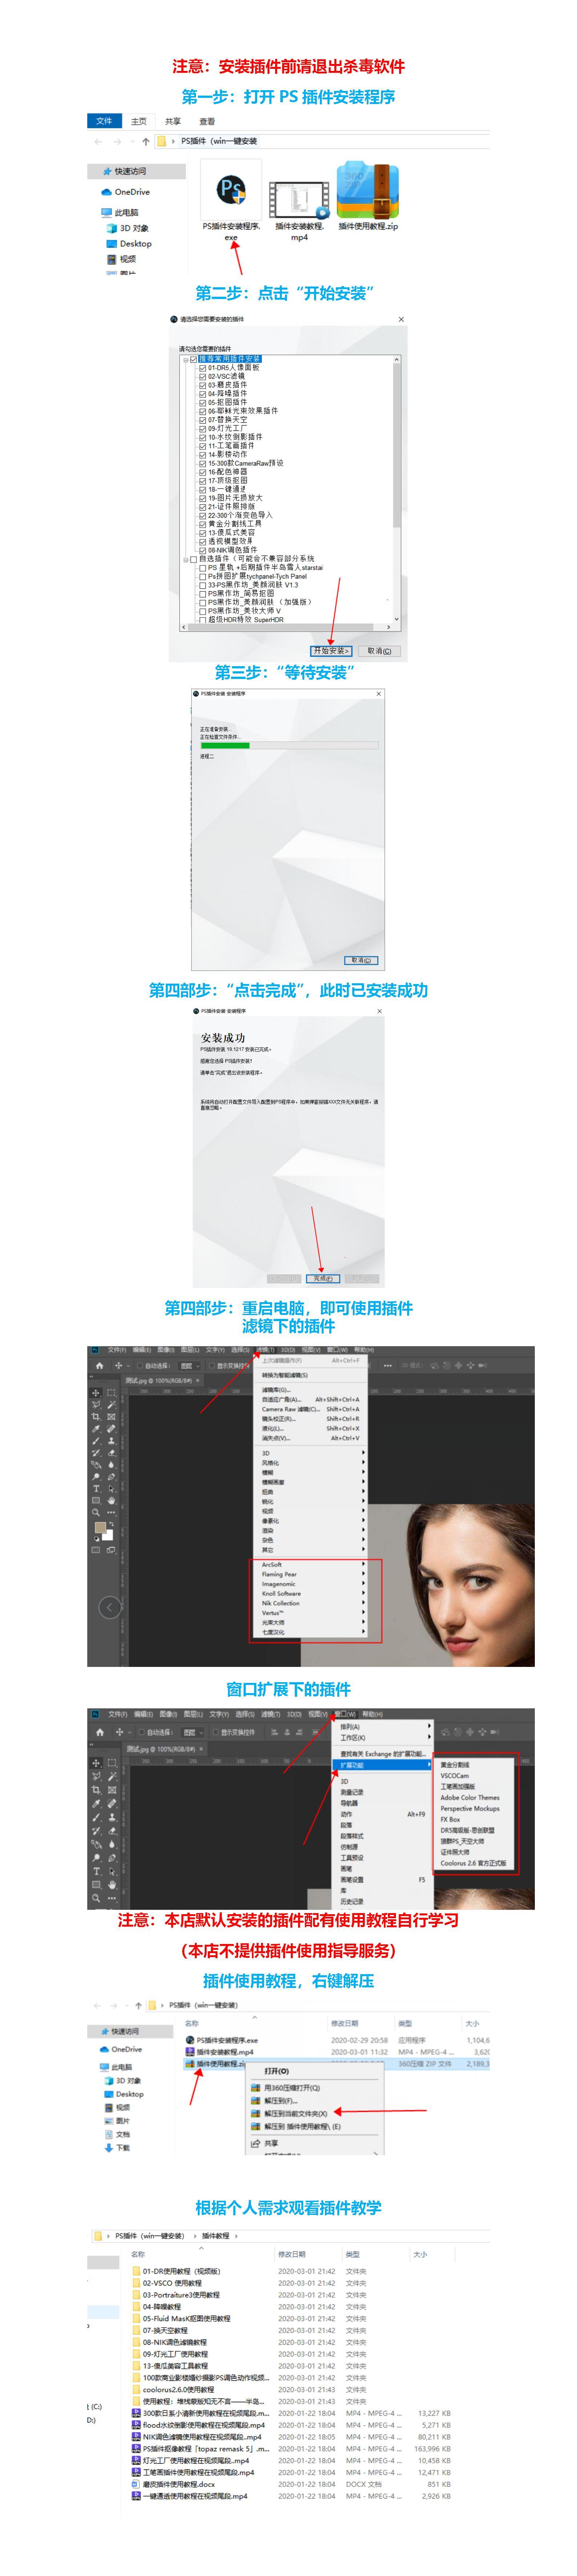 免费下载PS插件集合,支持磨皮,抠图,滤镜等|MAC系统版本与Win版本,一键安装插图